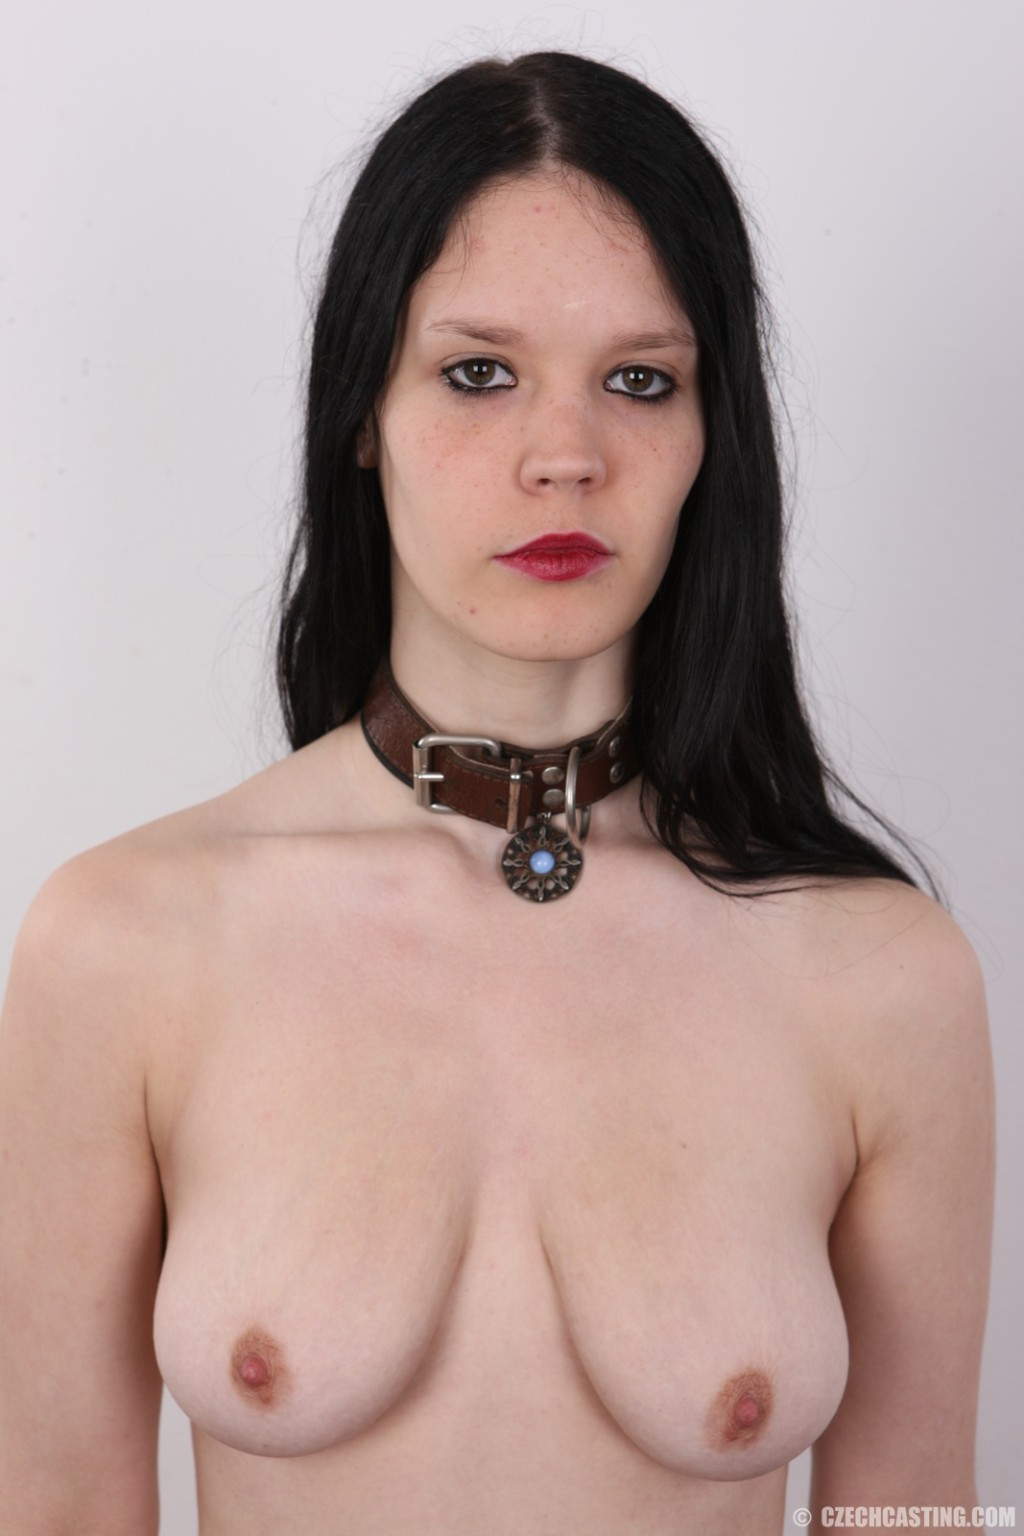 Эротическая фото сессия обнаженной брюнетки с некрасивыми сиськами